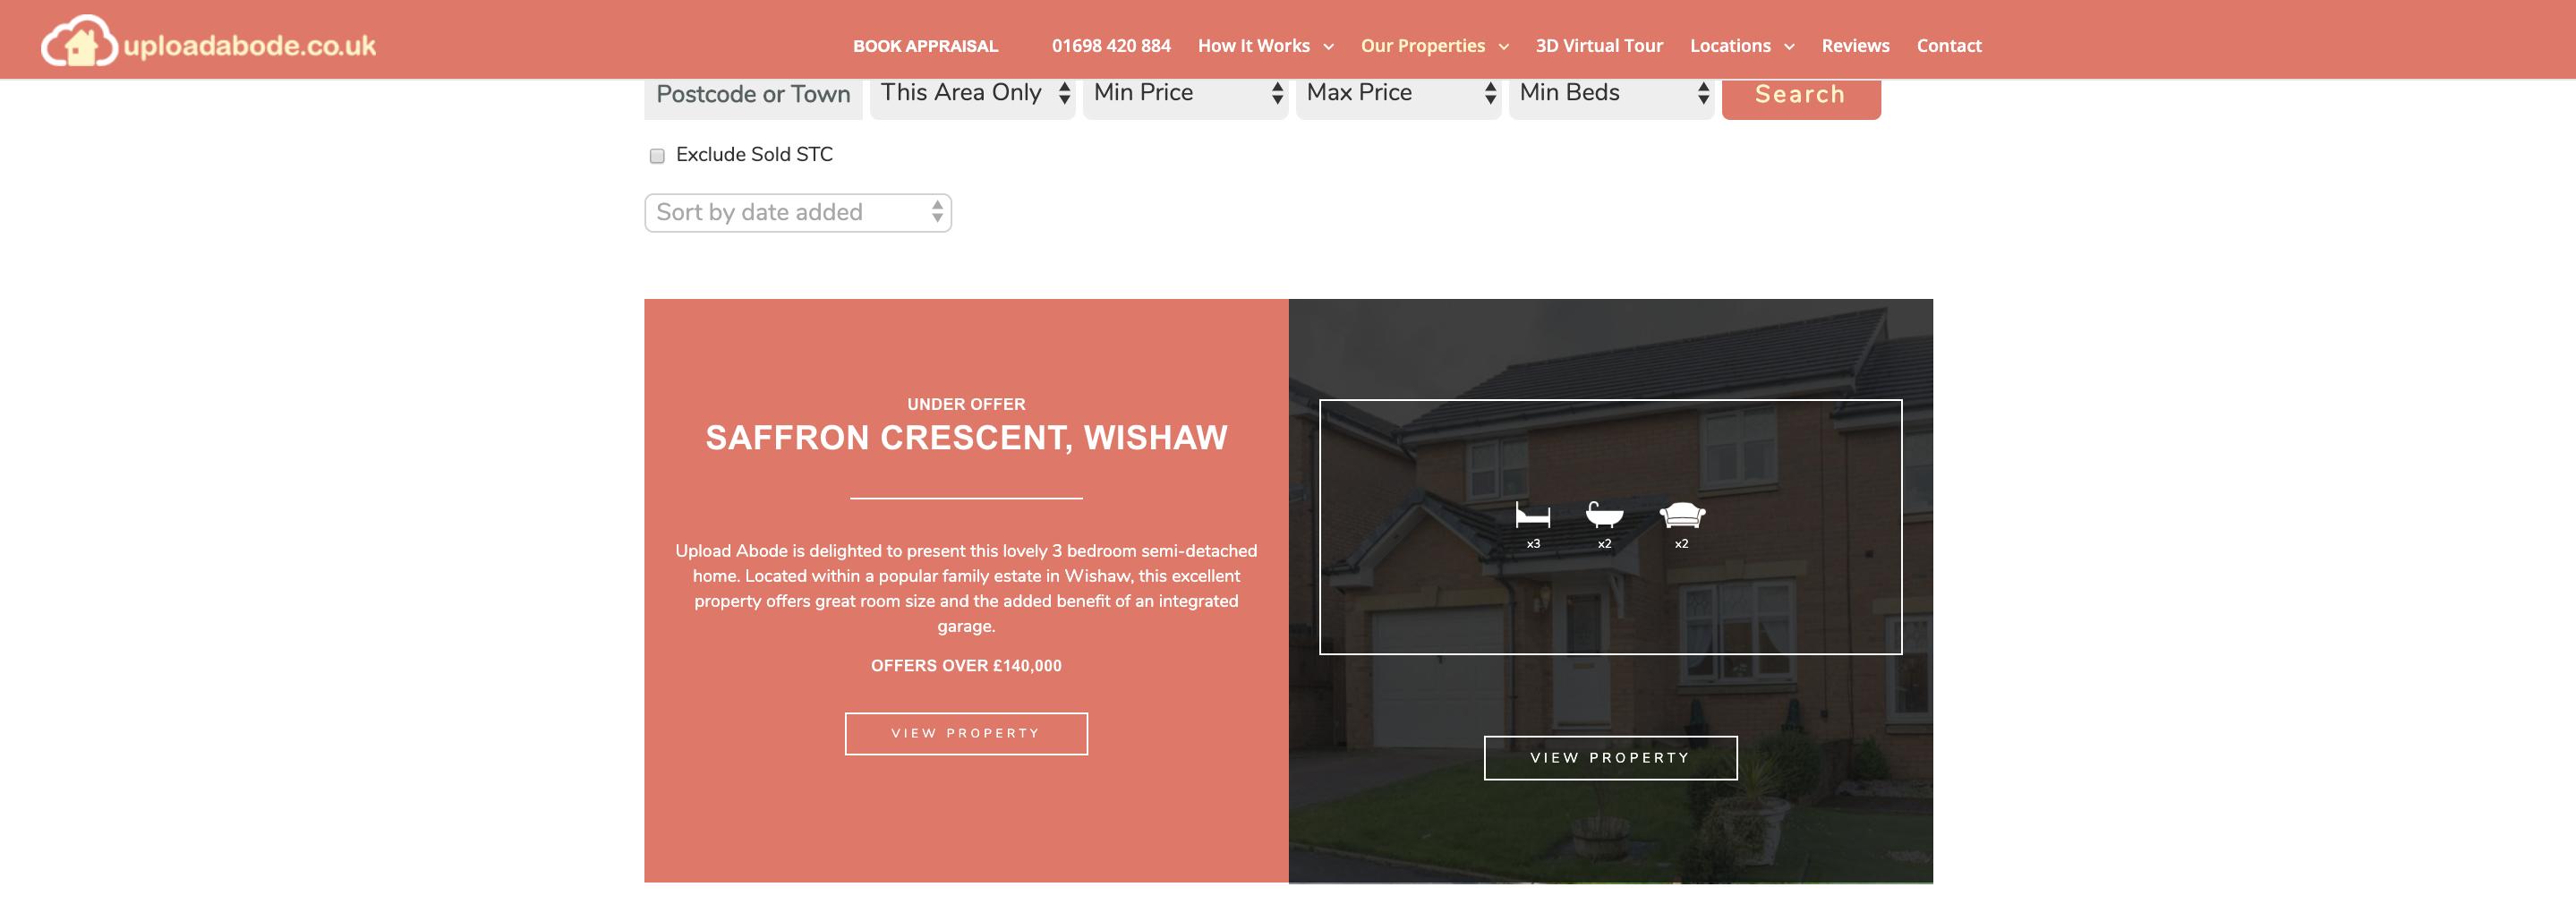 Upload Abode Estate Agency Website